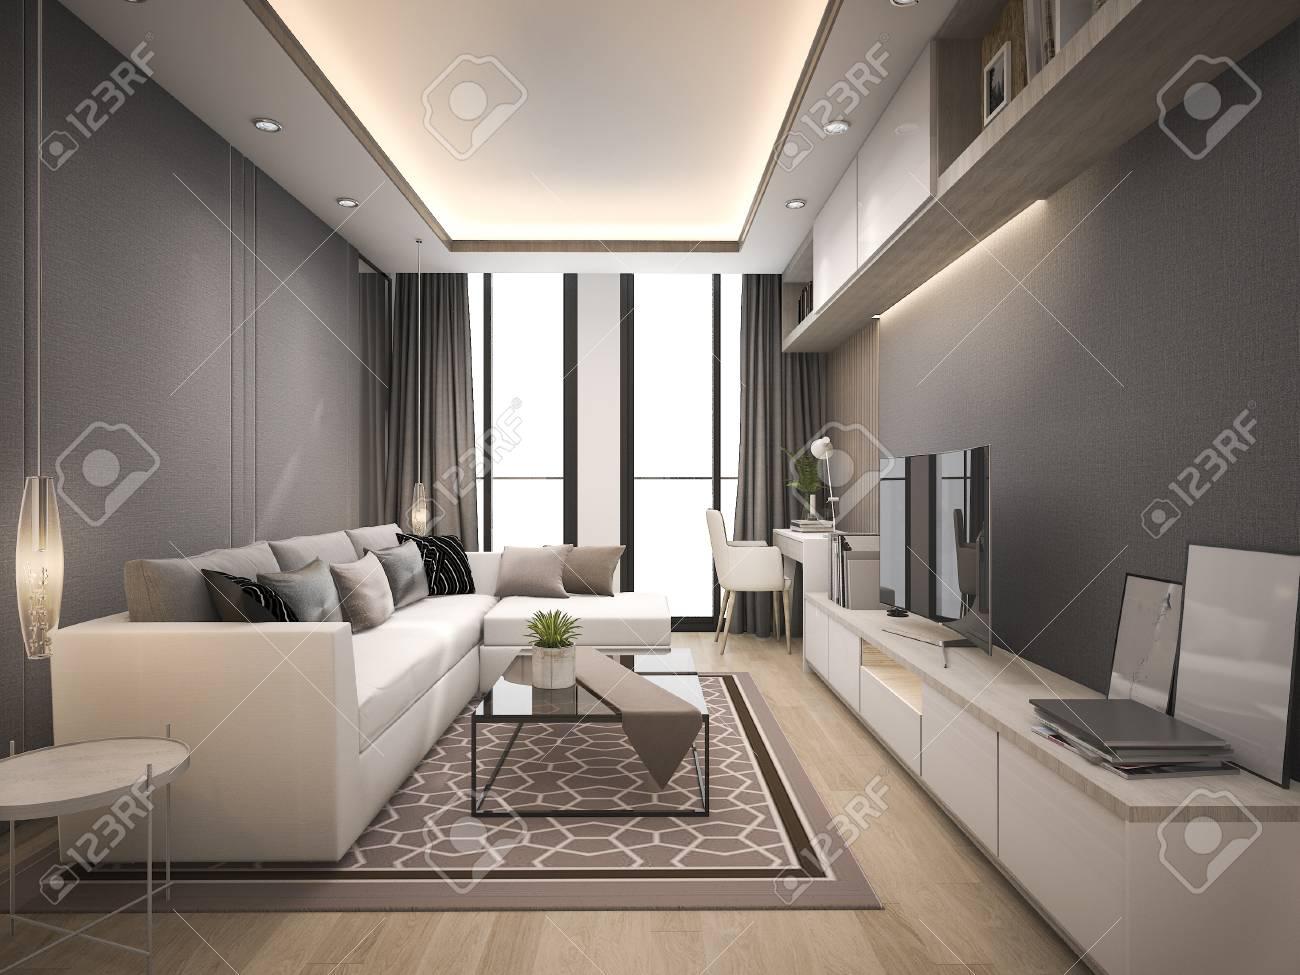 3d luxe rendu et salon moderne avec un canapé de conception en cuir blanc